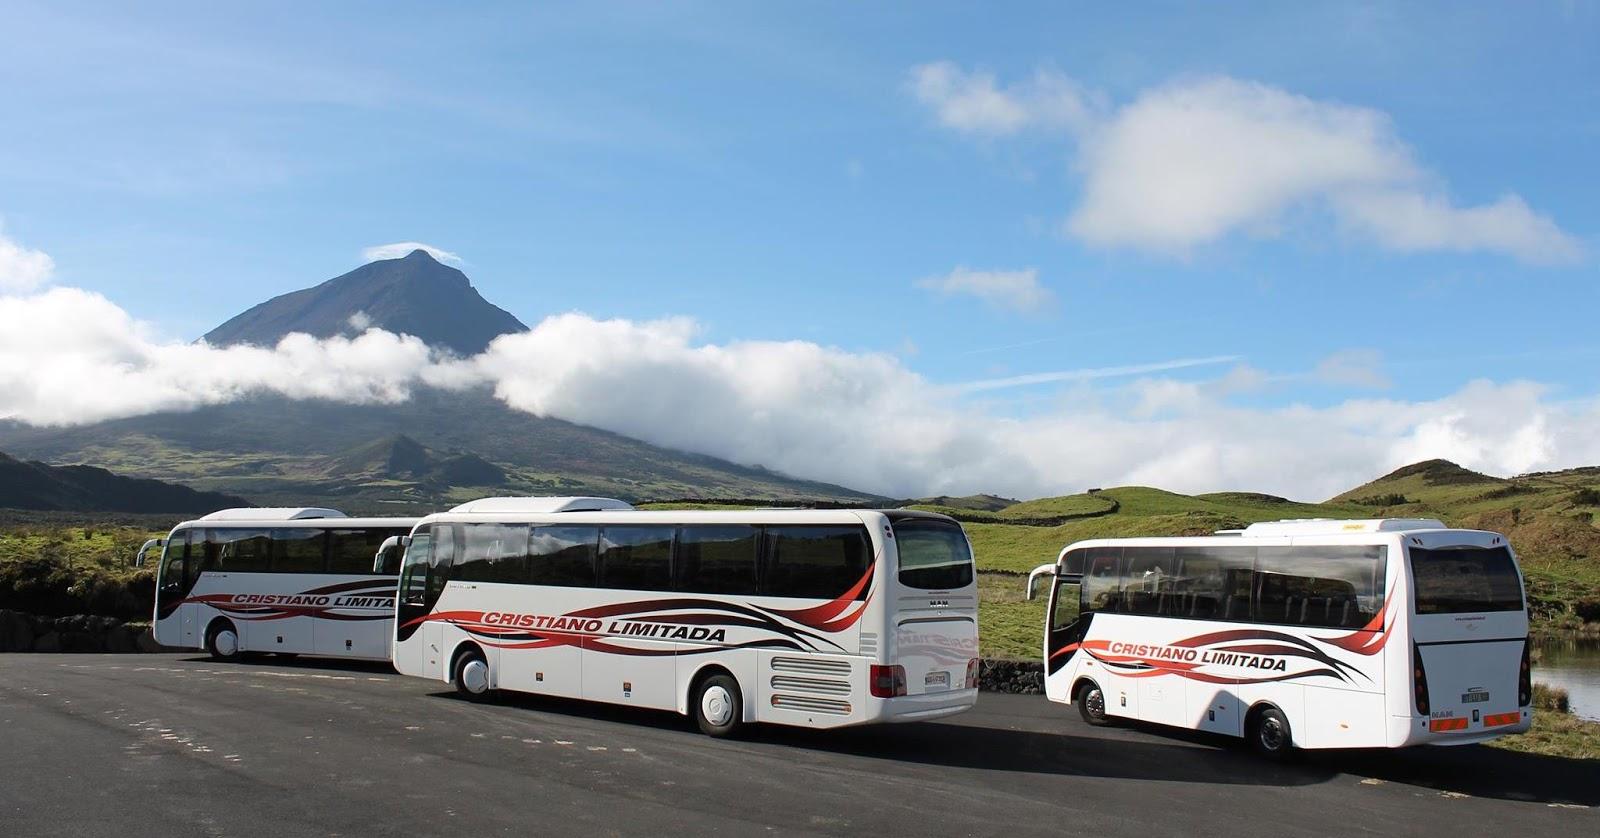 Cristiano Limitada - Transportes e Autocarros na Ilha do Pico Açores